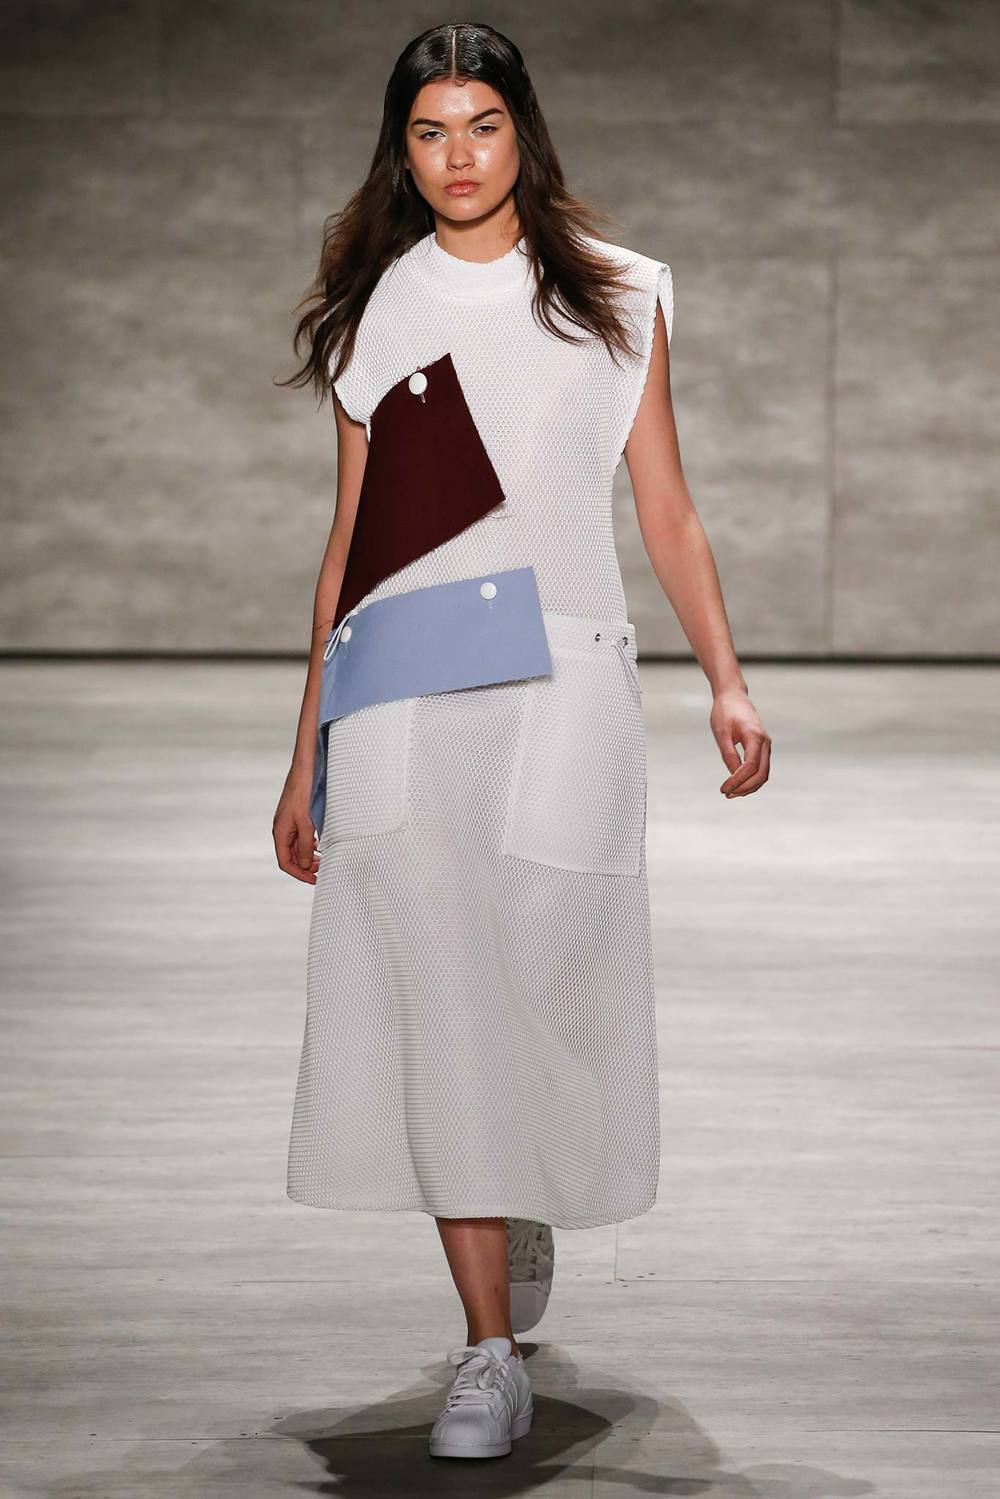 Andrea Jiapei Li  photo: Gianni Pucci for style.com